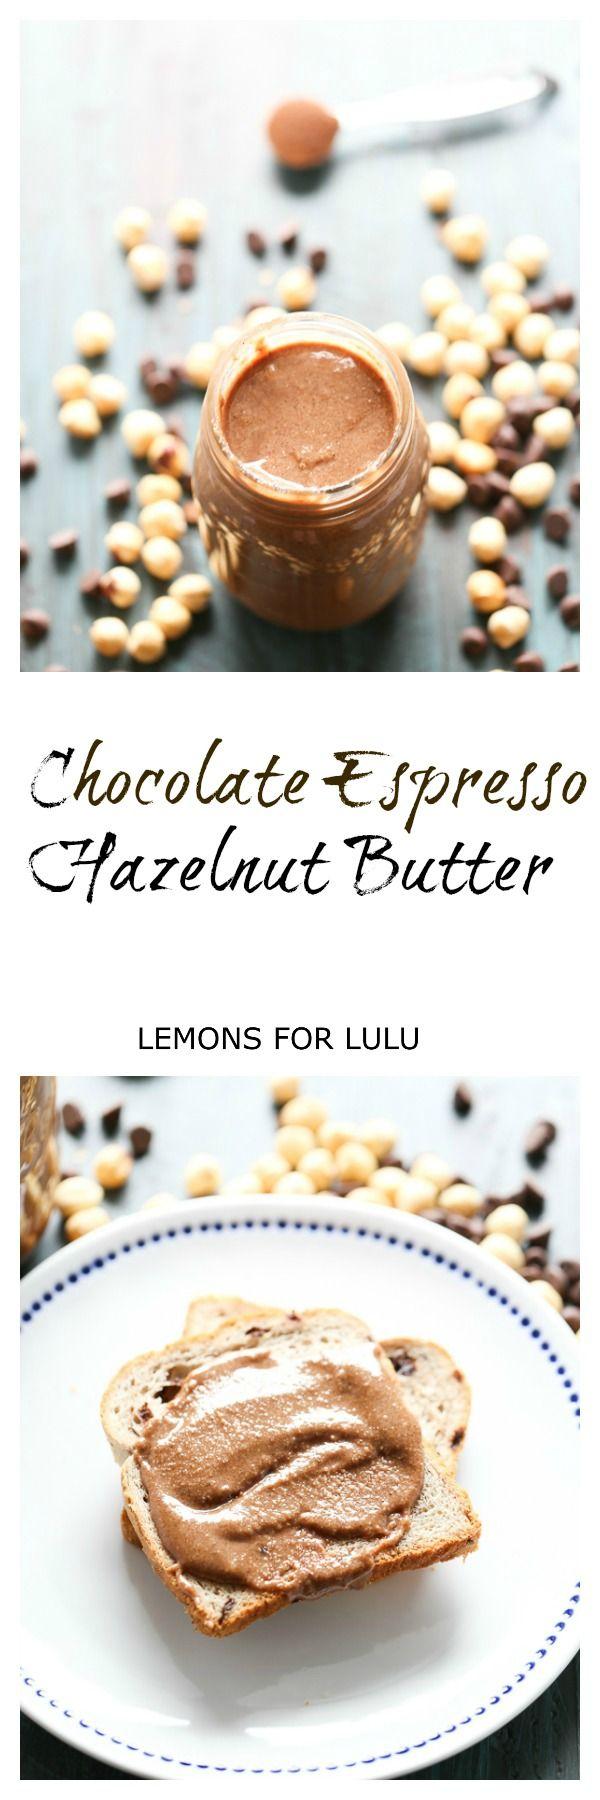 Chocolate and Espresso Easy Hazelnut Butter lemonsforlulu.com